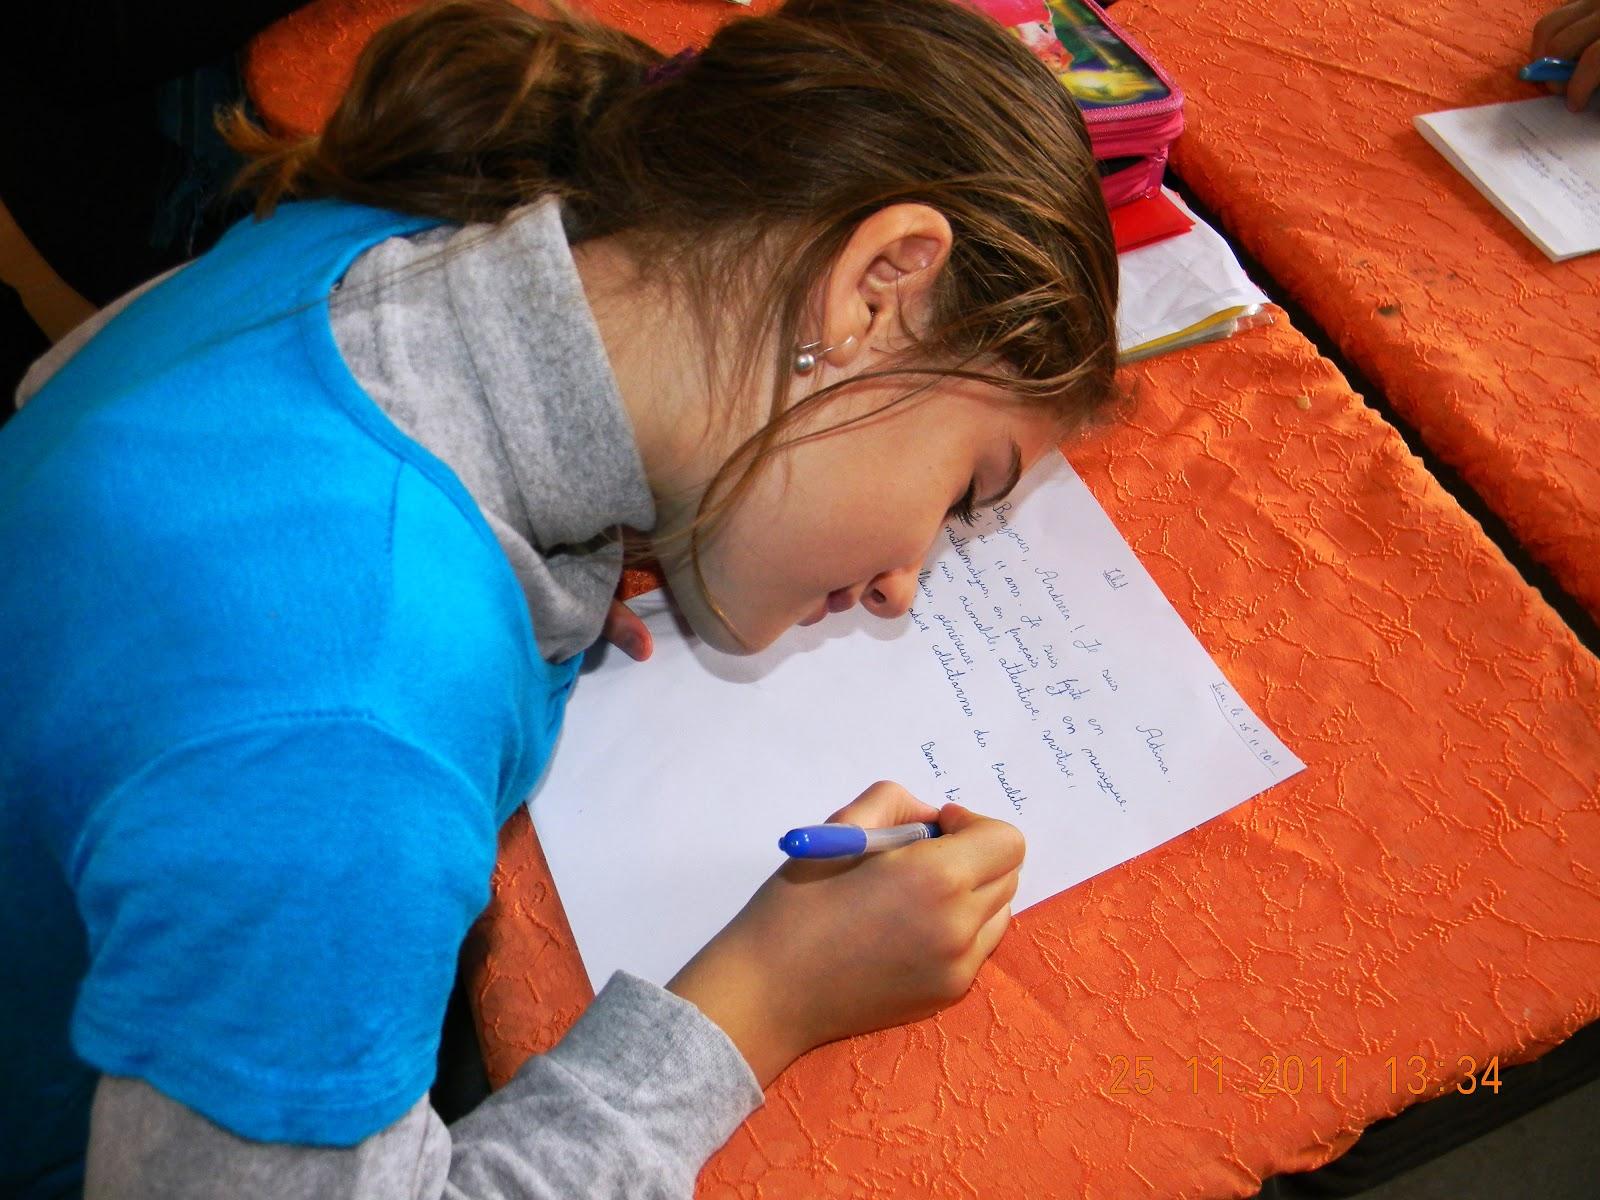 Comment écrire Une Lettre? Le Plaisir D'écrire, D'envoyer